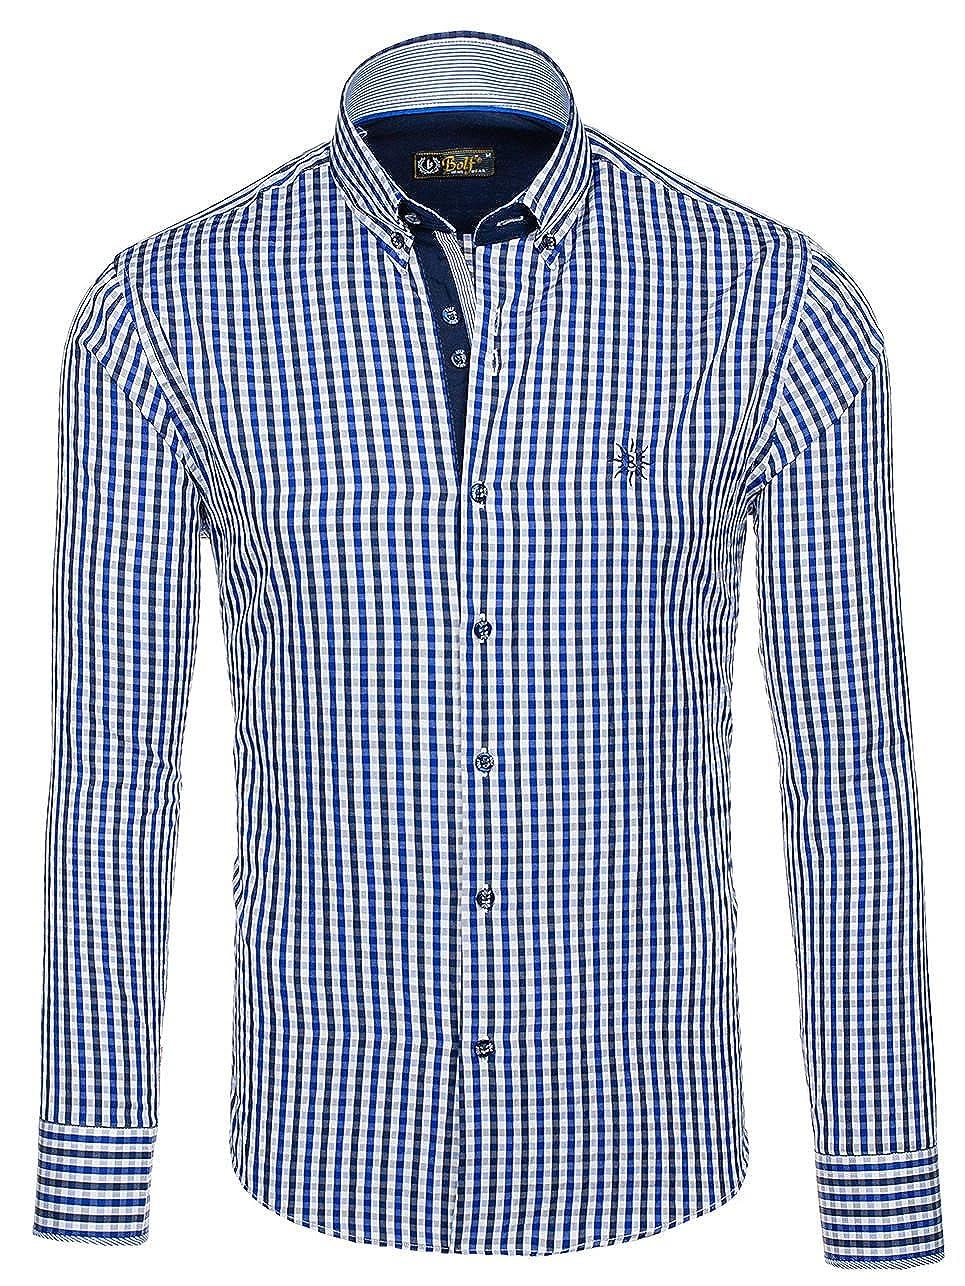 Freizeithemd Shirt Herenhemd Hemd Classic Langarm Basic Herren BOLF 2B2 Casual